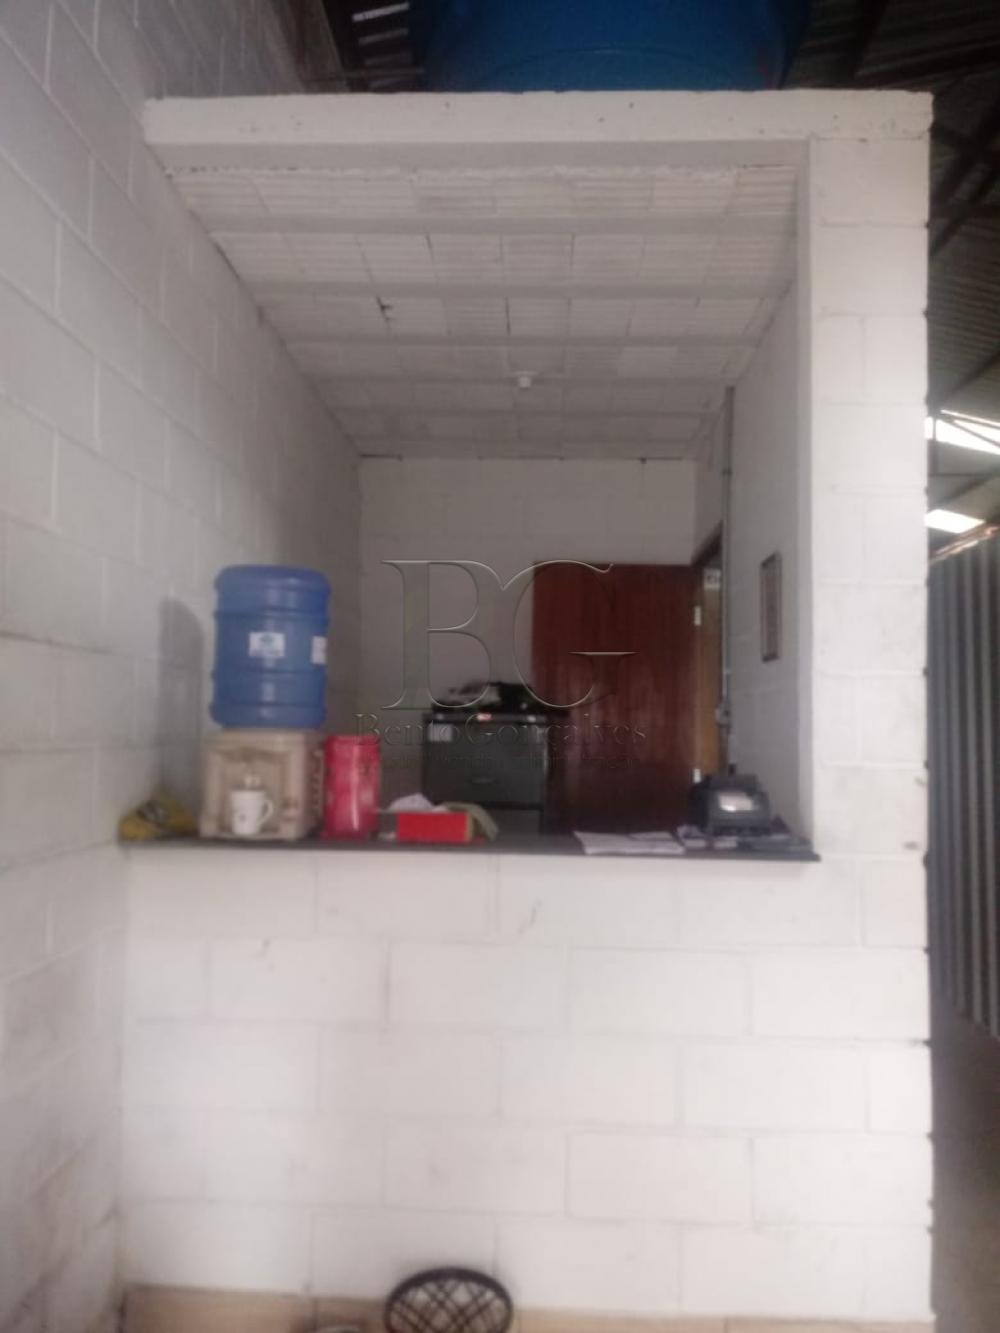 Alugar Comercial / Galpão em Poços de Caldas apenas R$ 2.000,00 - Foto 7